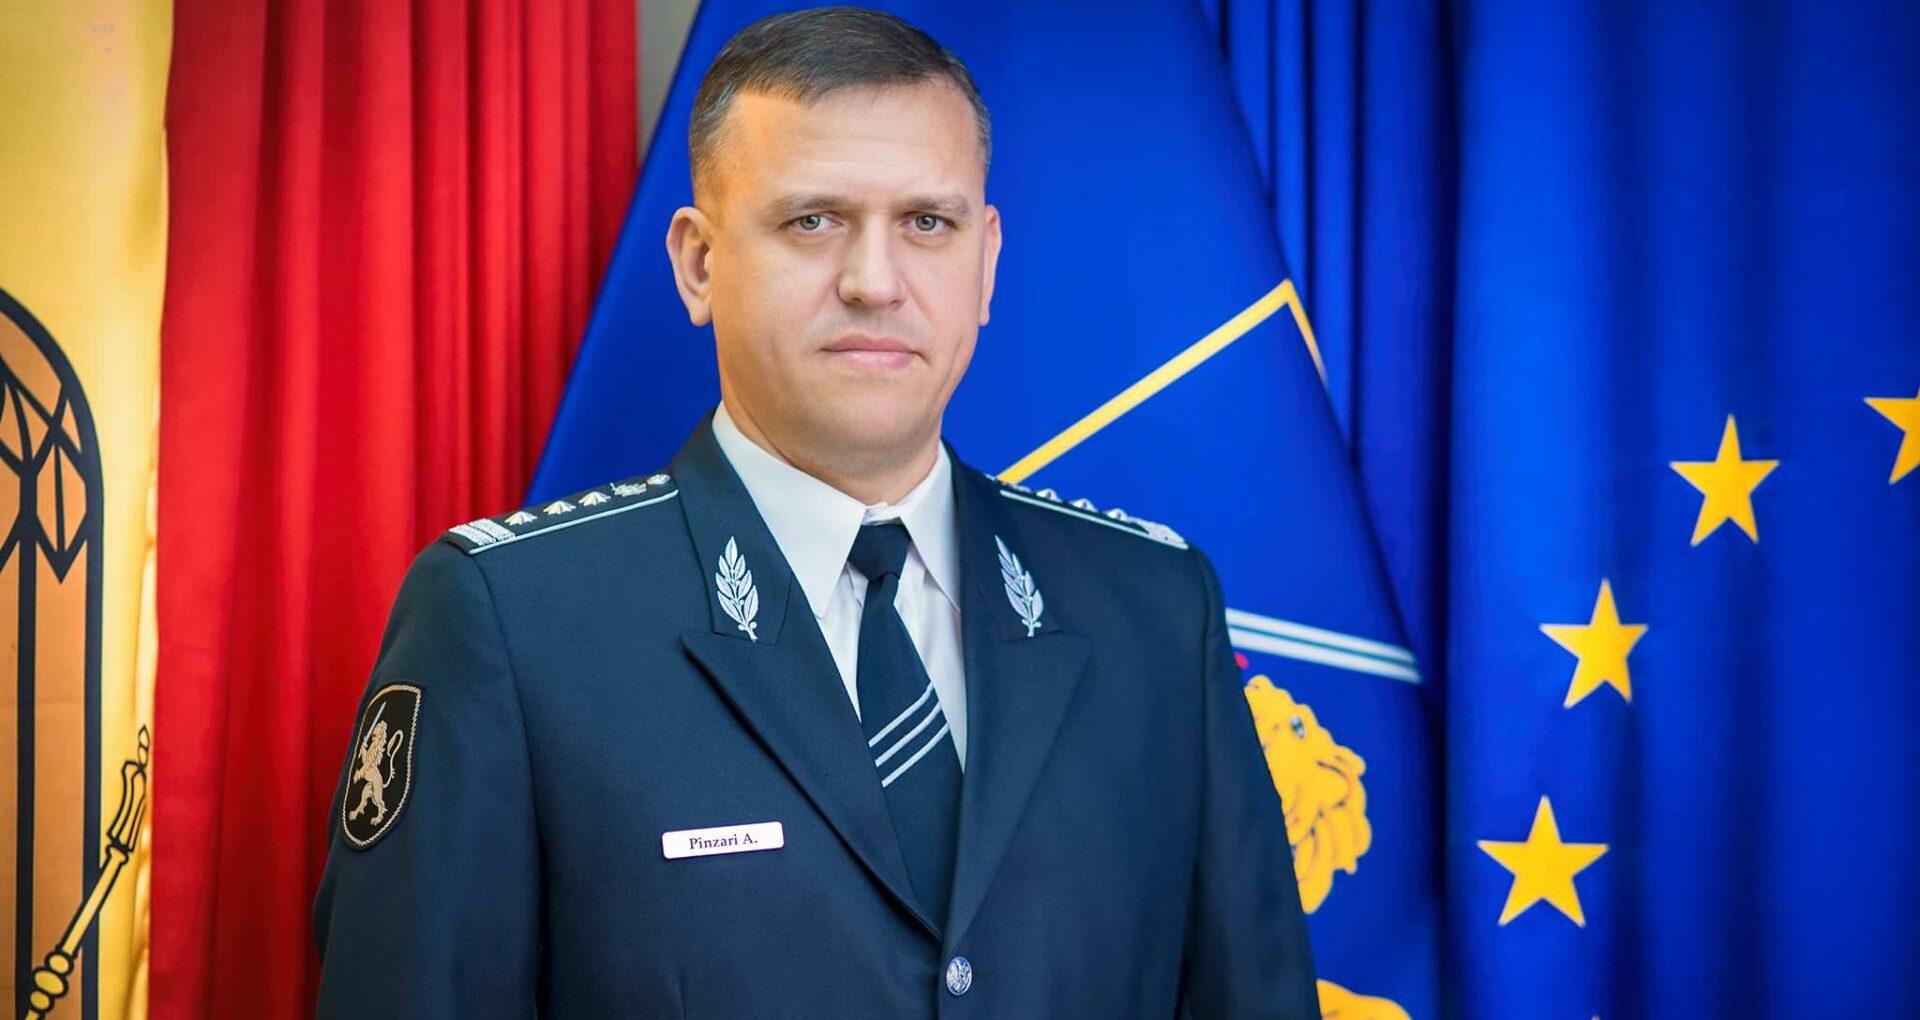 Aprobat de Guvern: Pânzari, restabilit în funcția de șef al IGP și eliberat